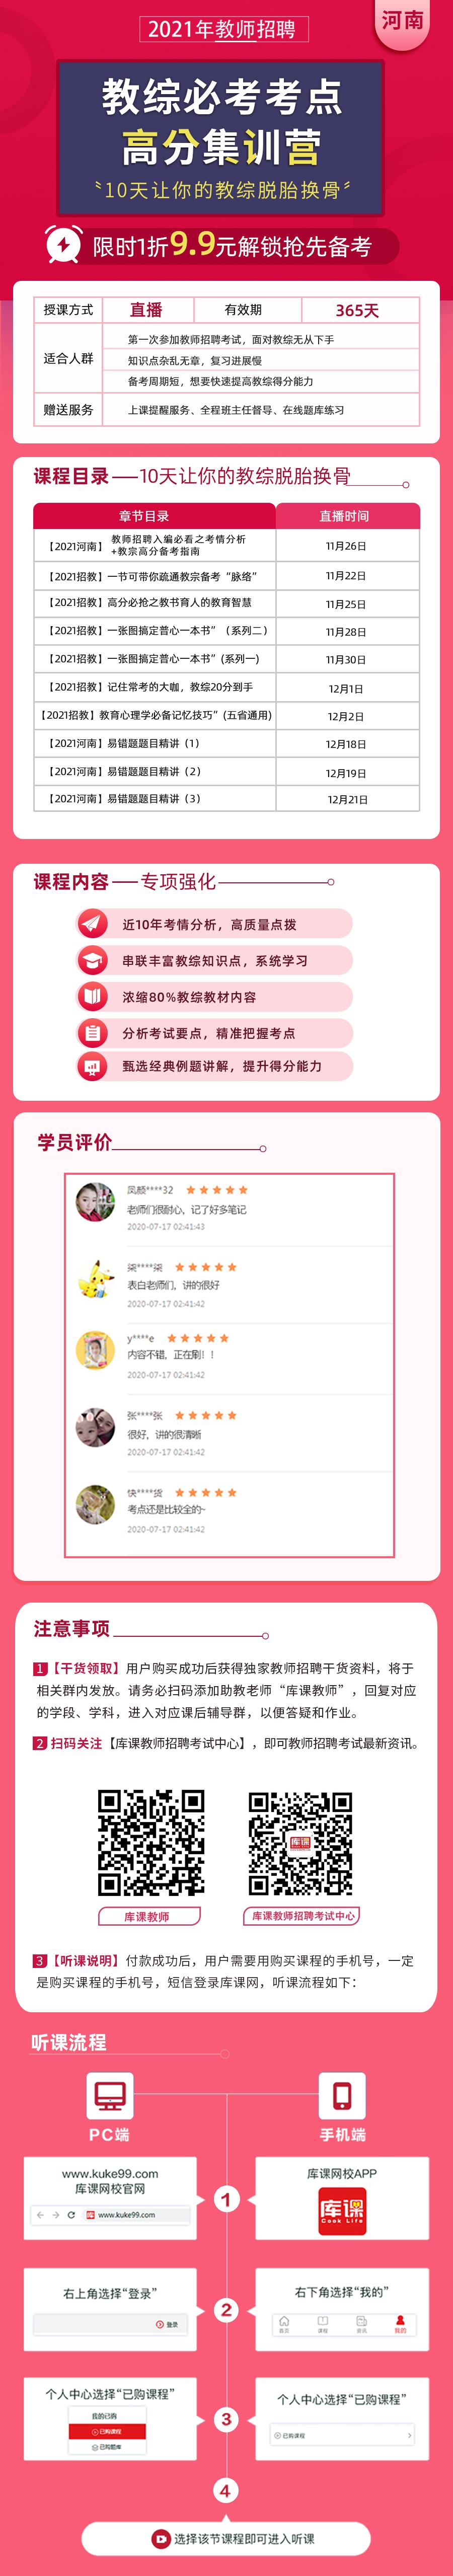 详情-河南教综必考考点高分集训营.jpg